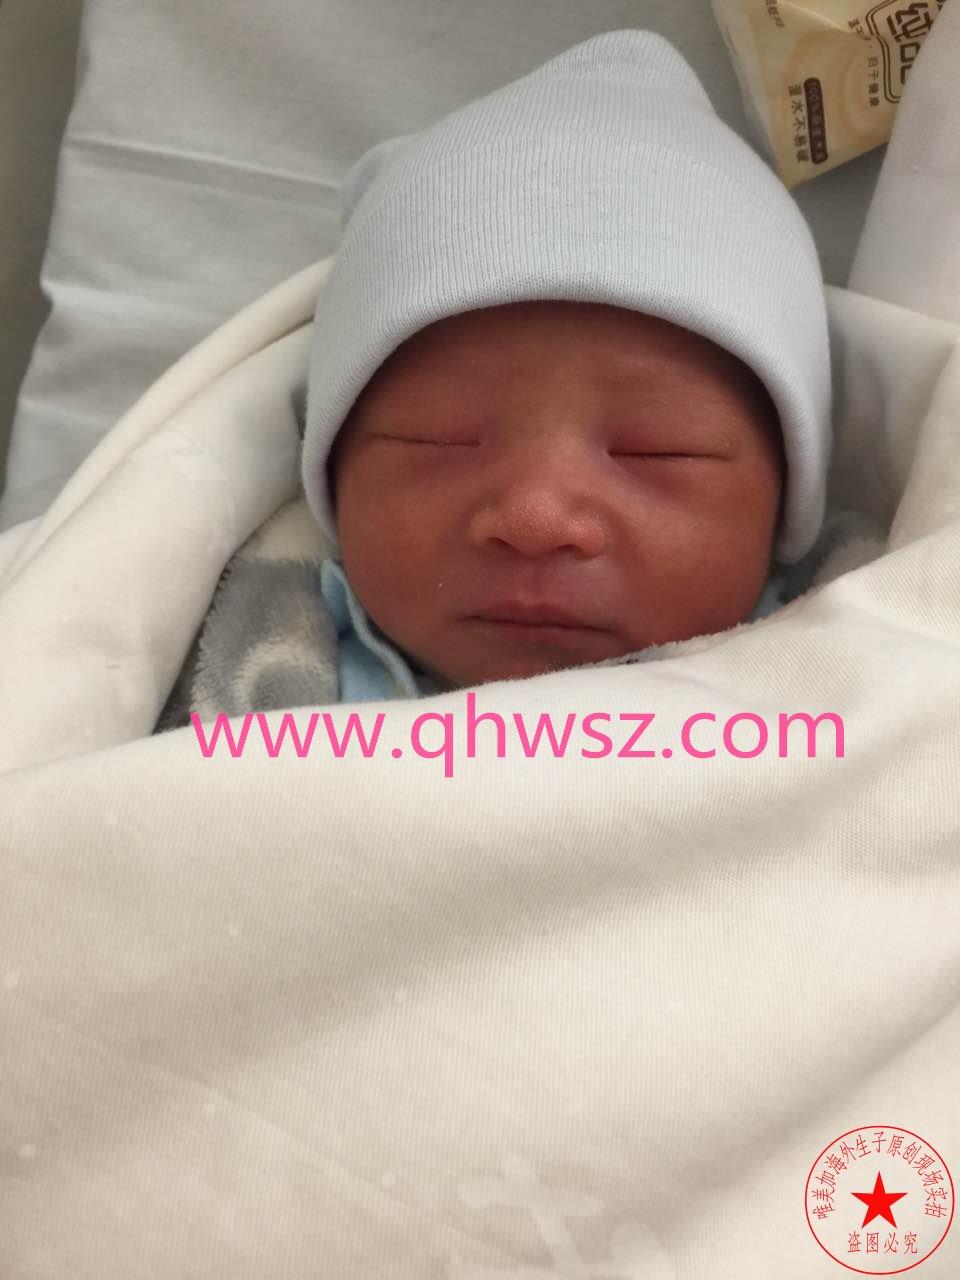 塞班岛生子案例宝宝出生照